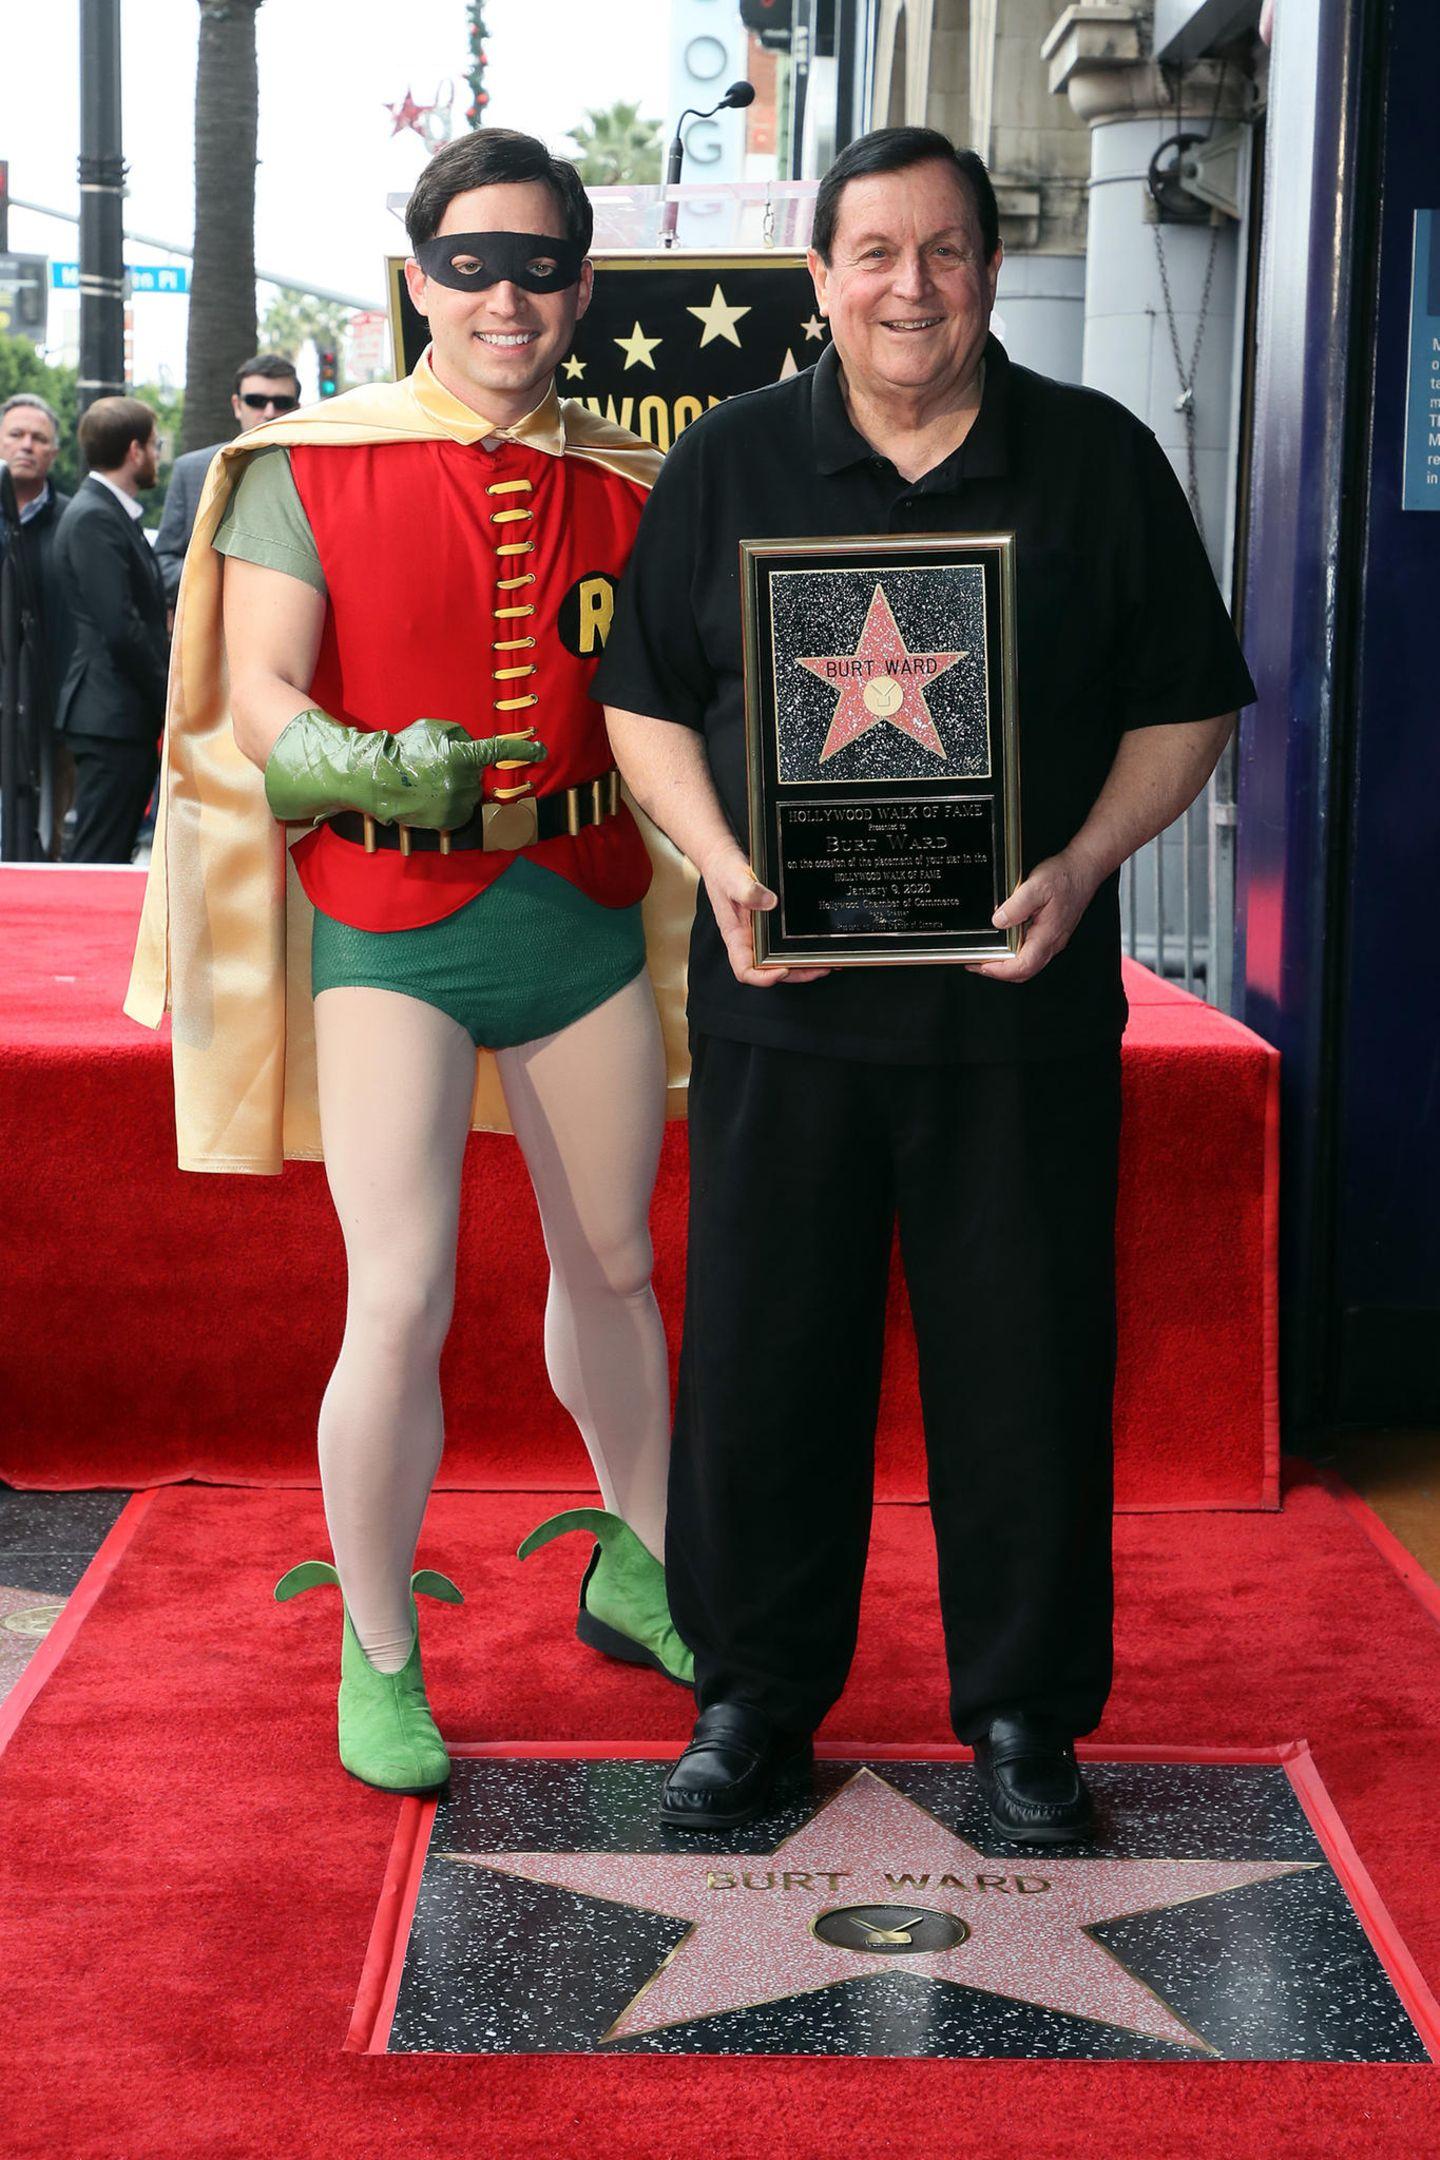 """9. Januar 2020  Wer noch ein Fan der alten """"Batman""""-Fernsehserie aus den 60er Jahren ist, dem dürfte der Empfänger des neuesten Stern auf dem Walk of Fame Burt Ward kein Unbekannter sein. Zusammen mit """"Batman""""Adam West bildete er damals das """"dynamische Duo""""."""